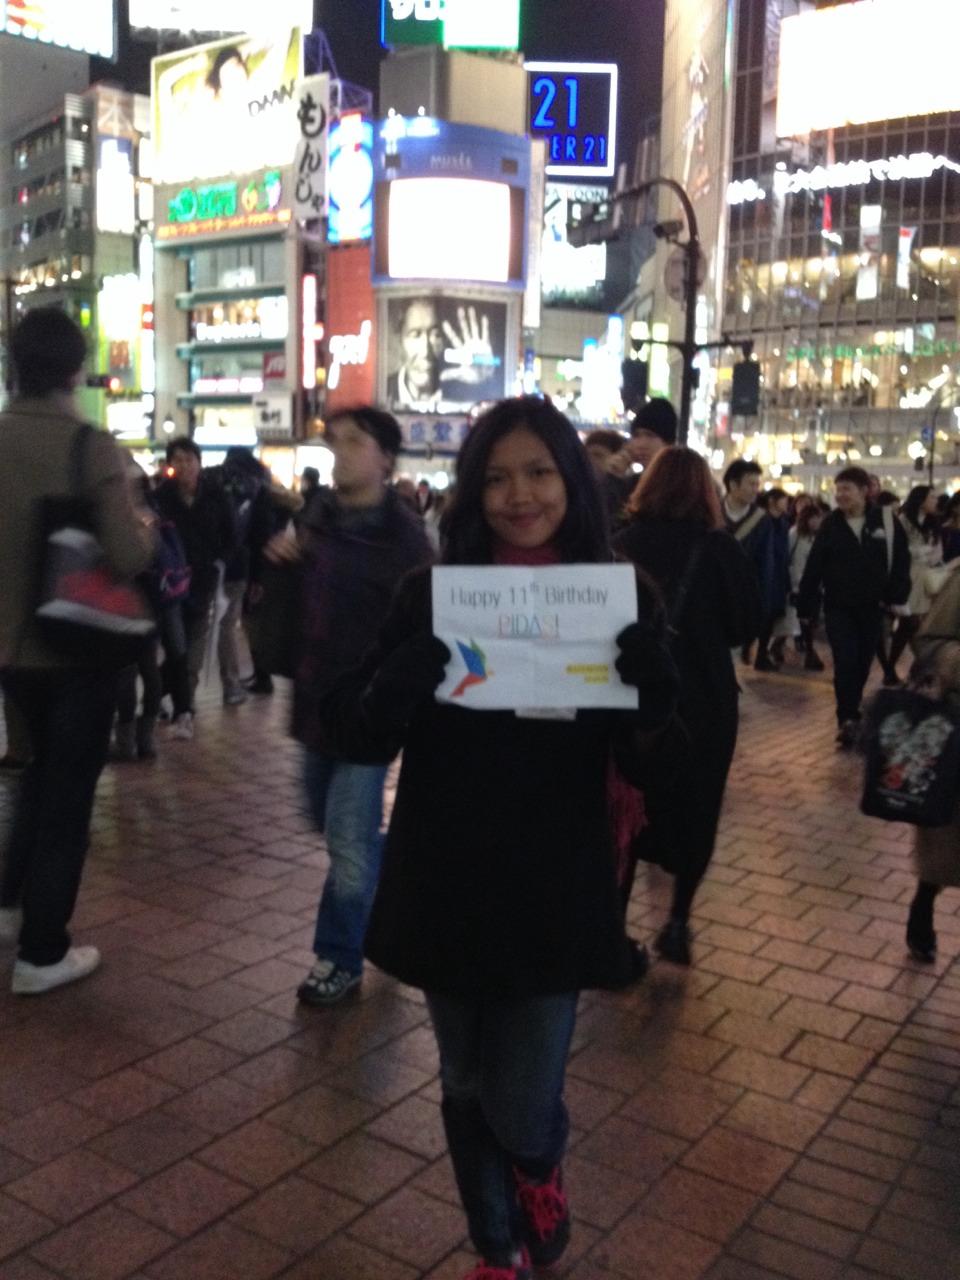 Selamat Ulang Tahun ke 11 PIDAS! Dari Shibuya, Tokyo, Jepang. :)